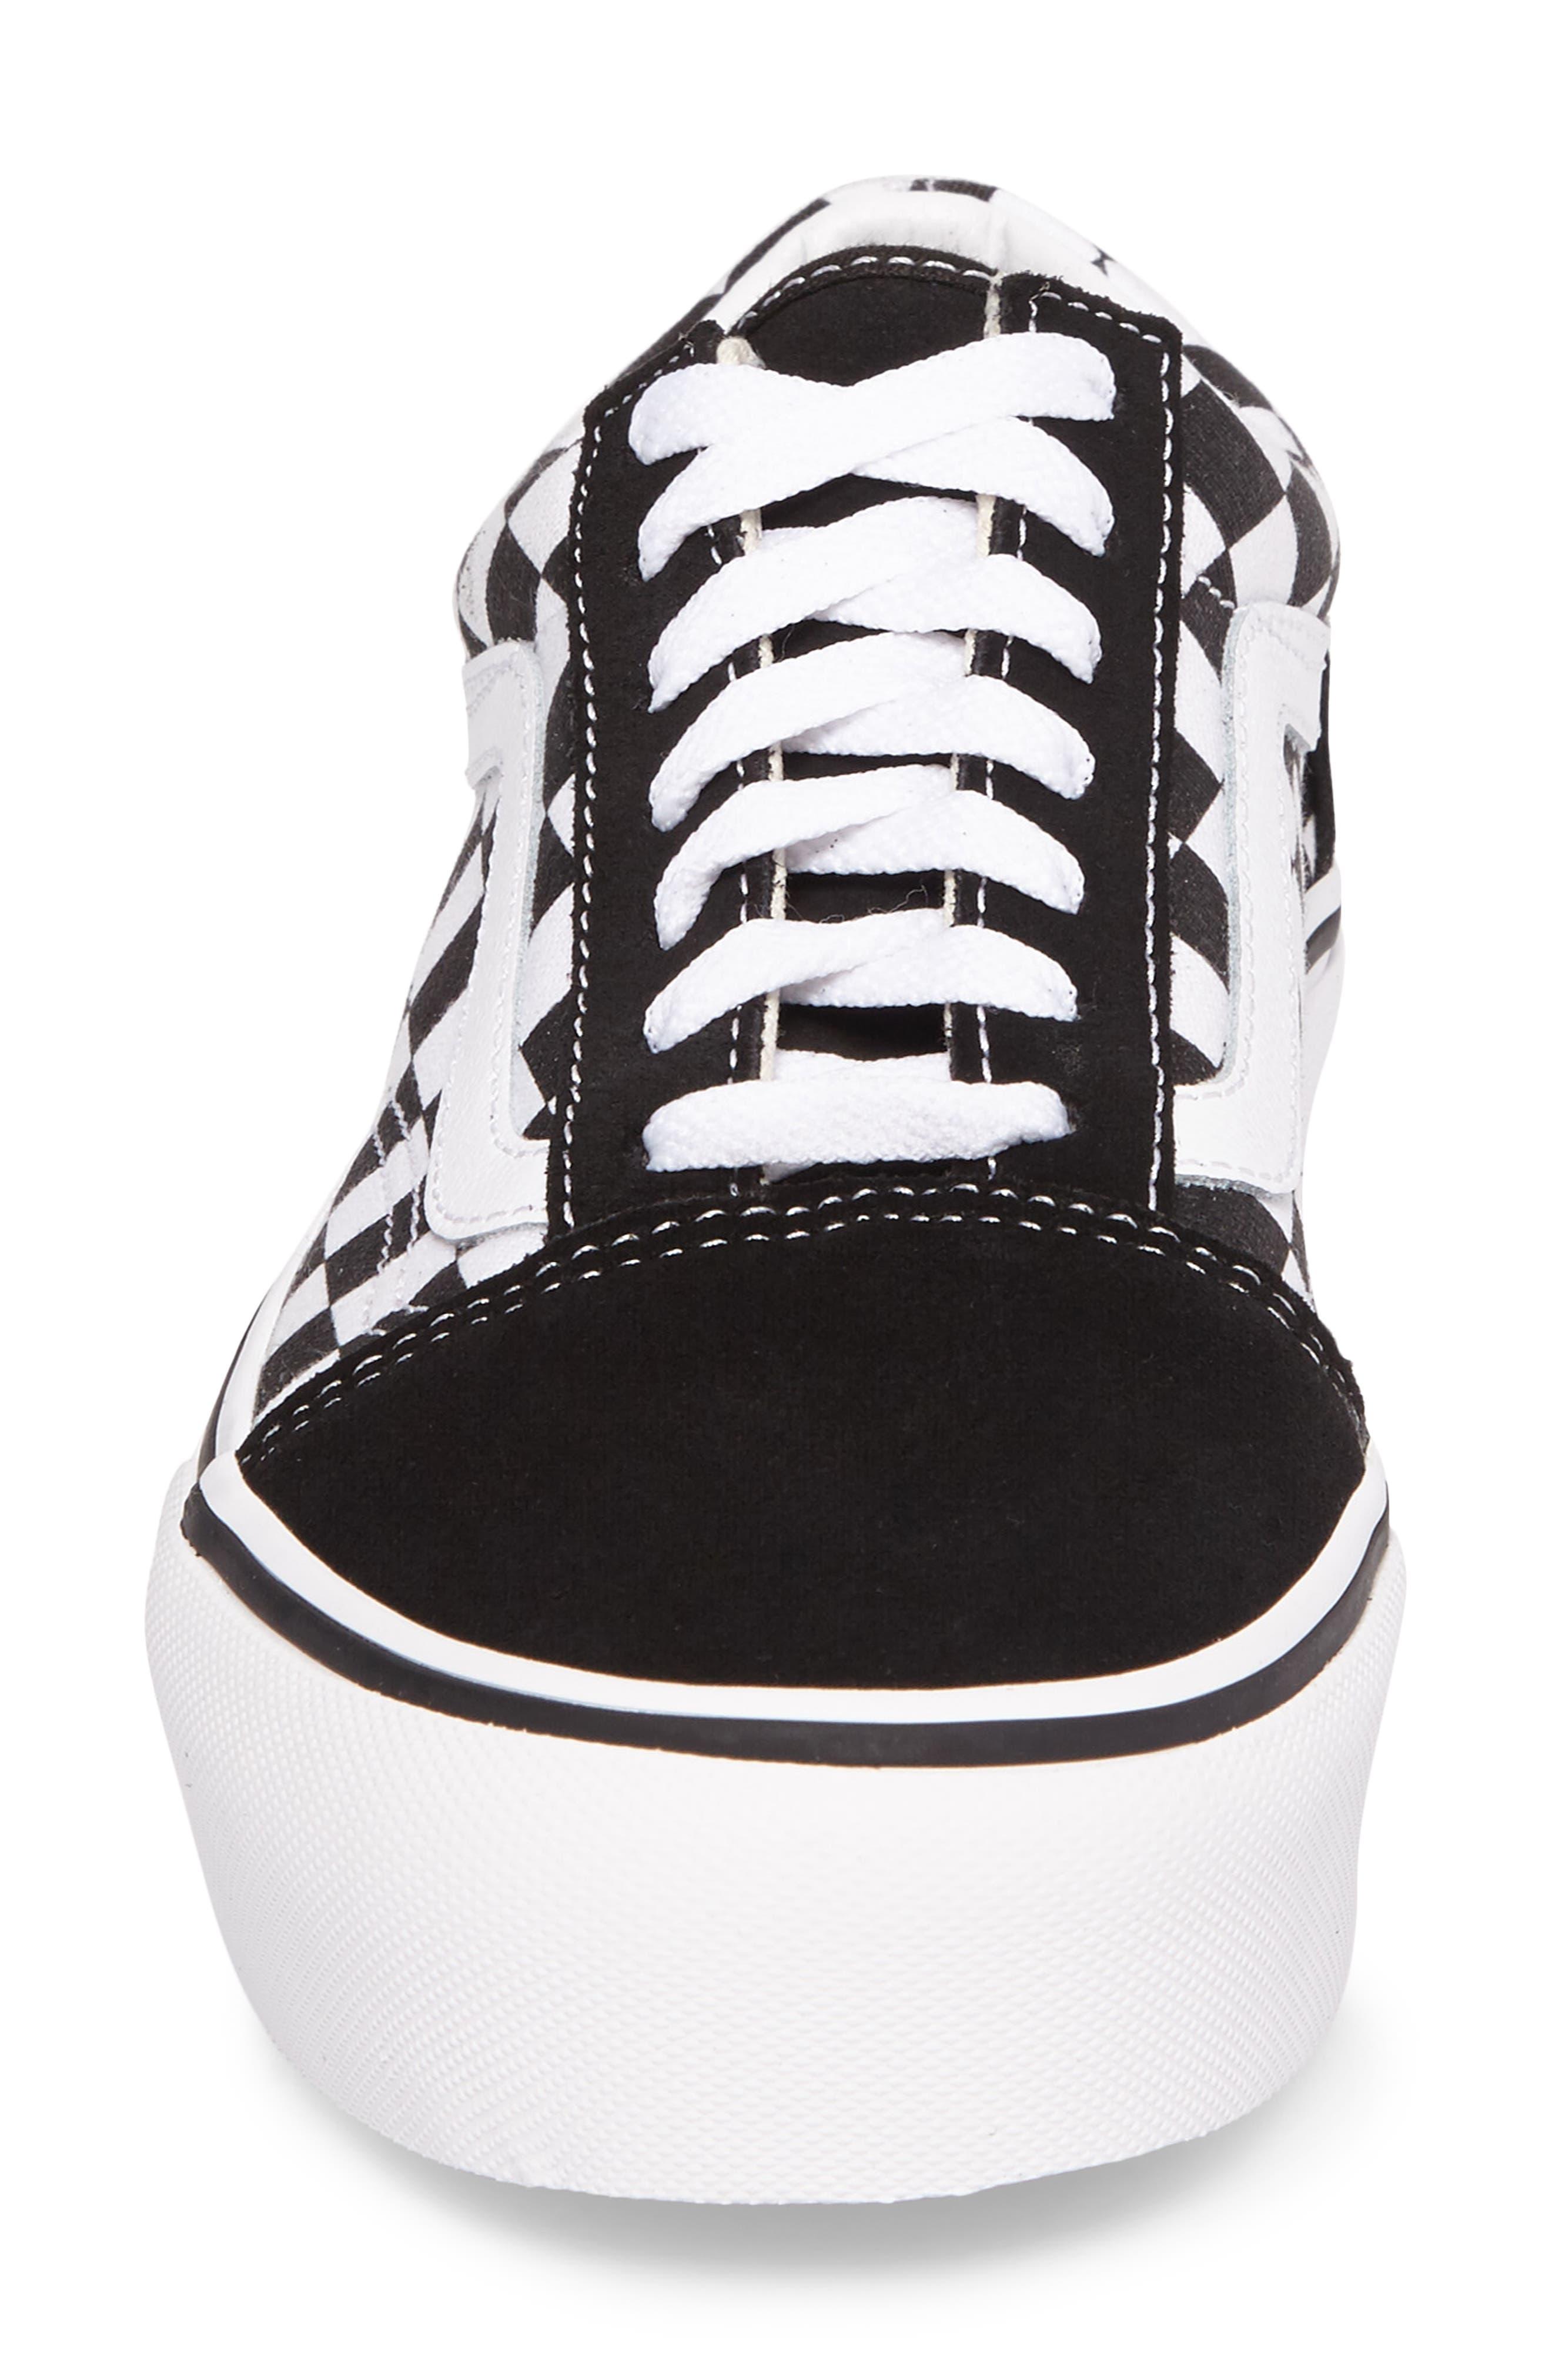 Alternate Image 4  - Vans Old Skool Platform Sneaker (Women)